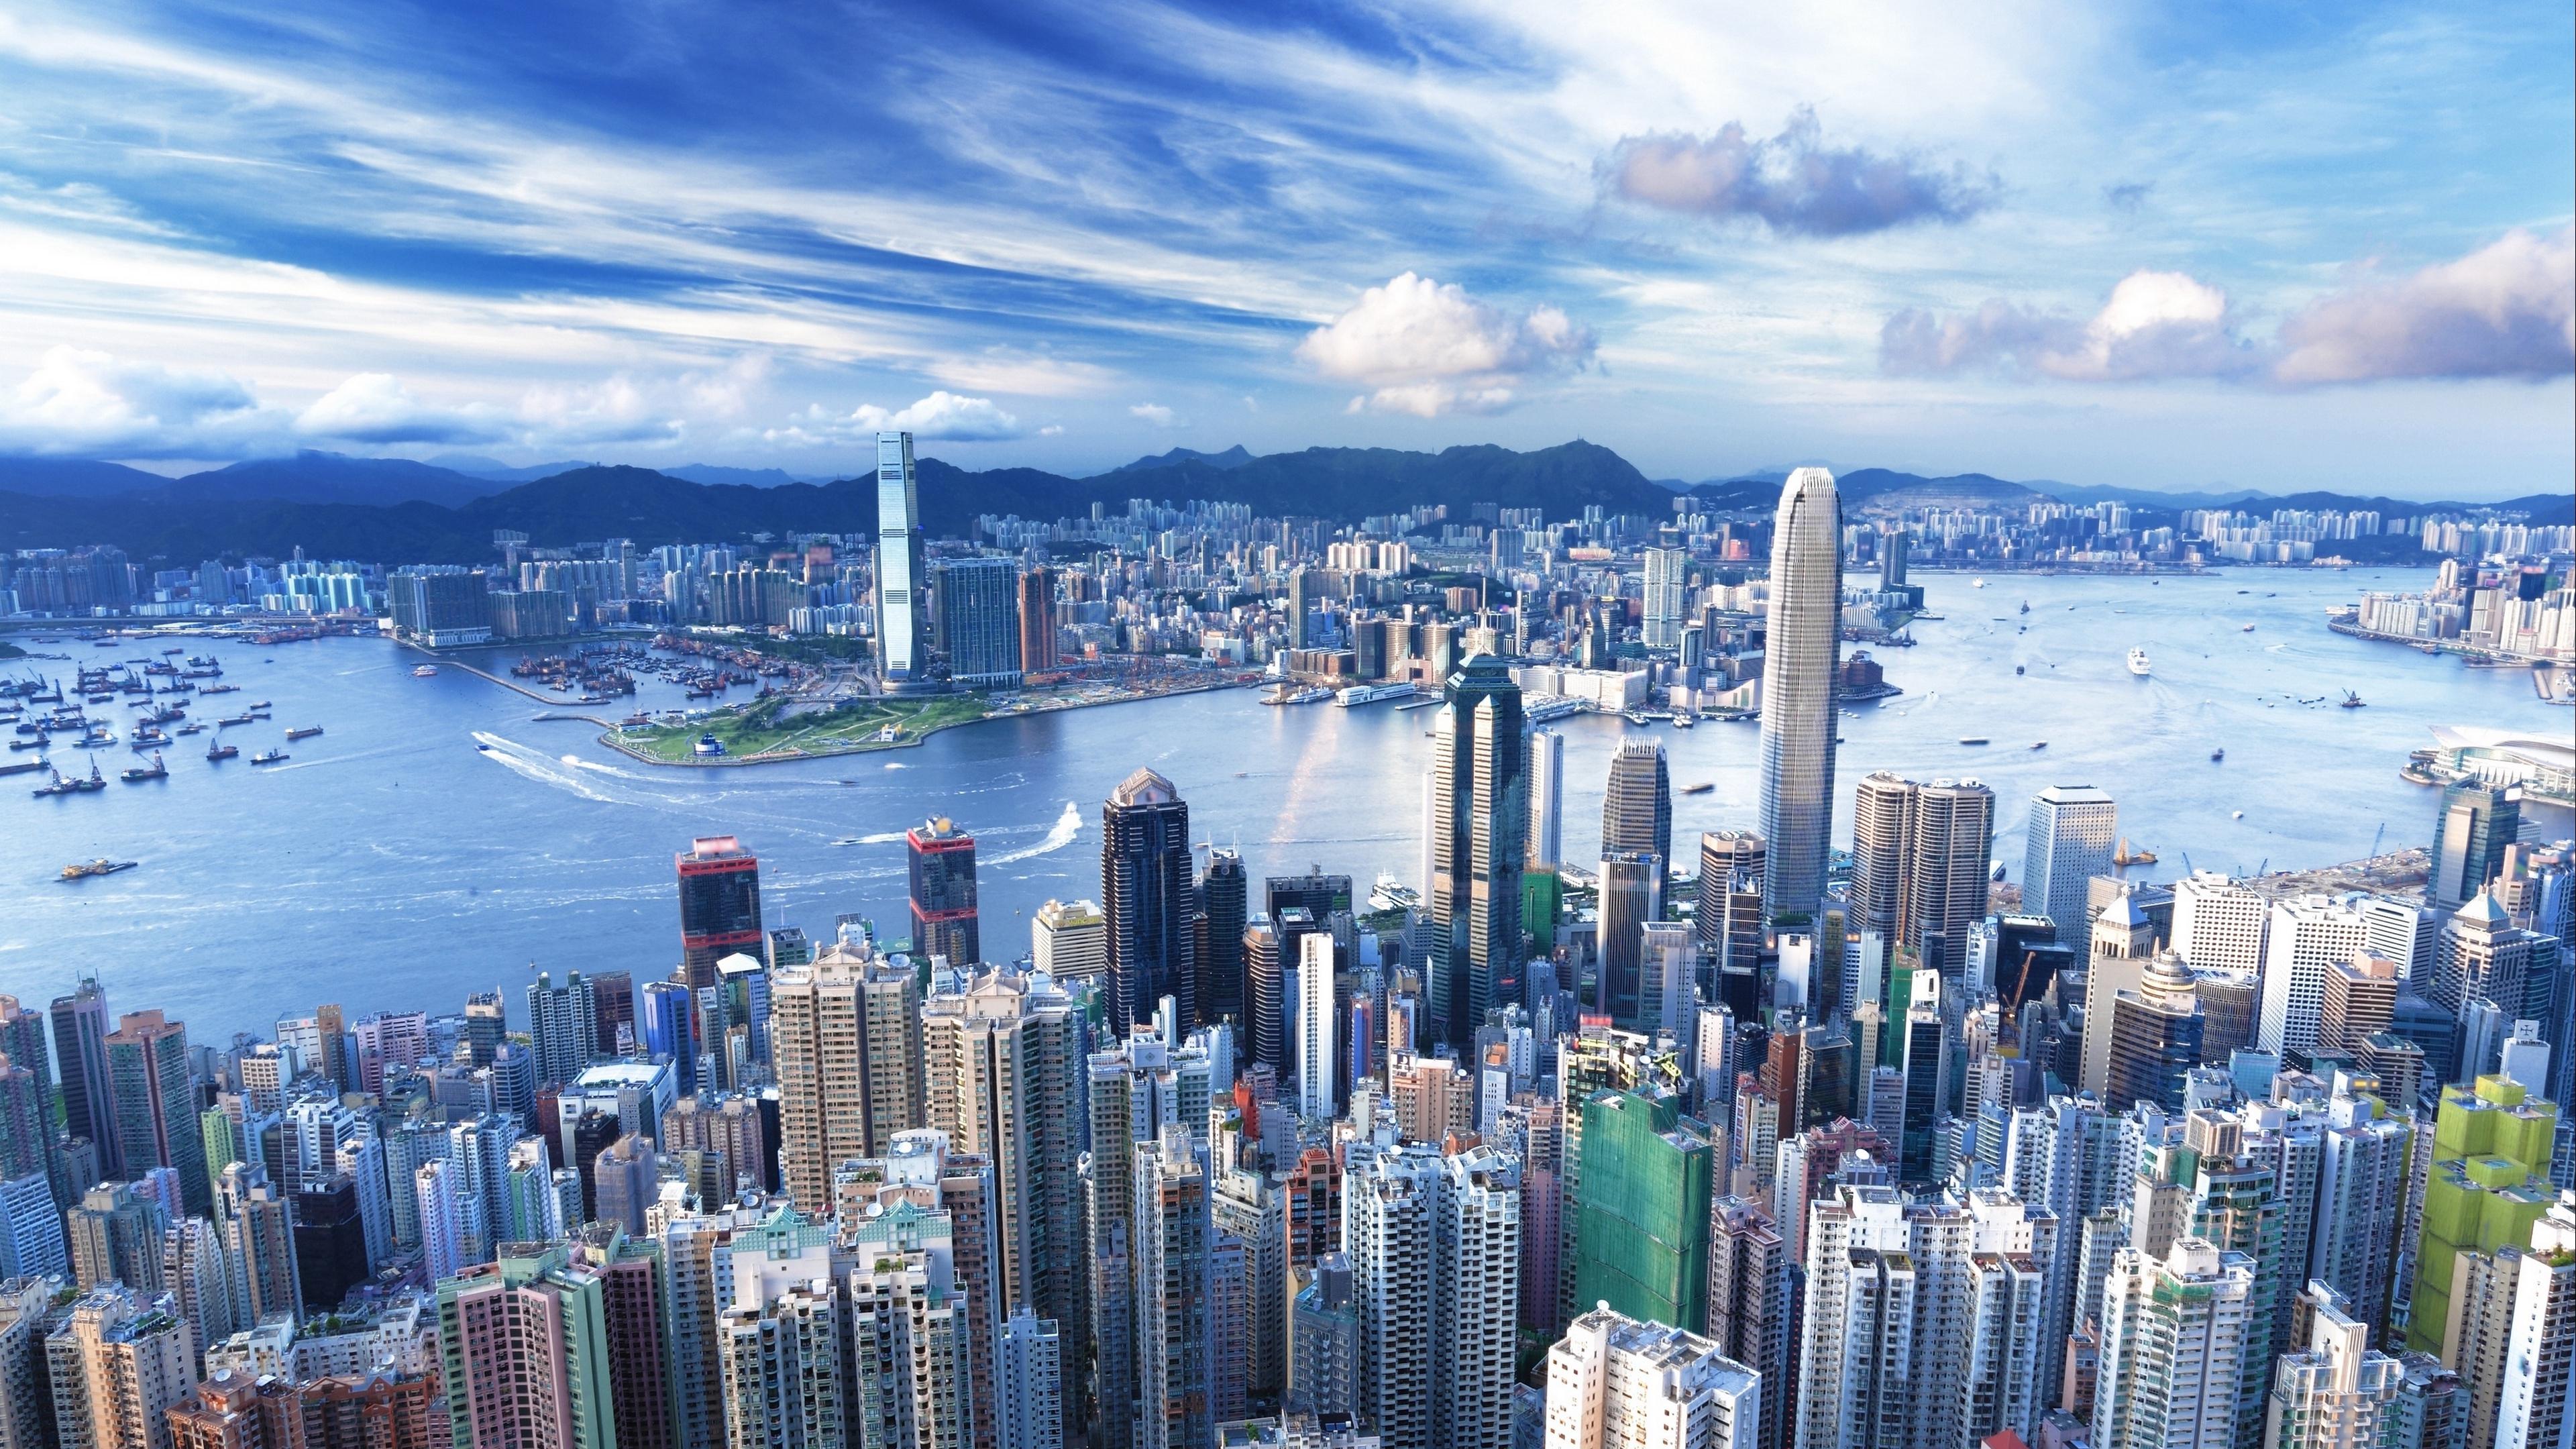 city buildings sky water 4k 1538068753 - city, buildings, sky, water 4k - Sky, City, buildings